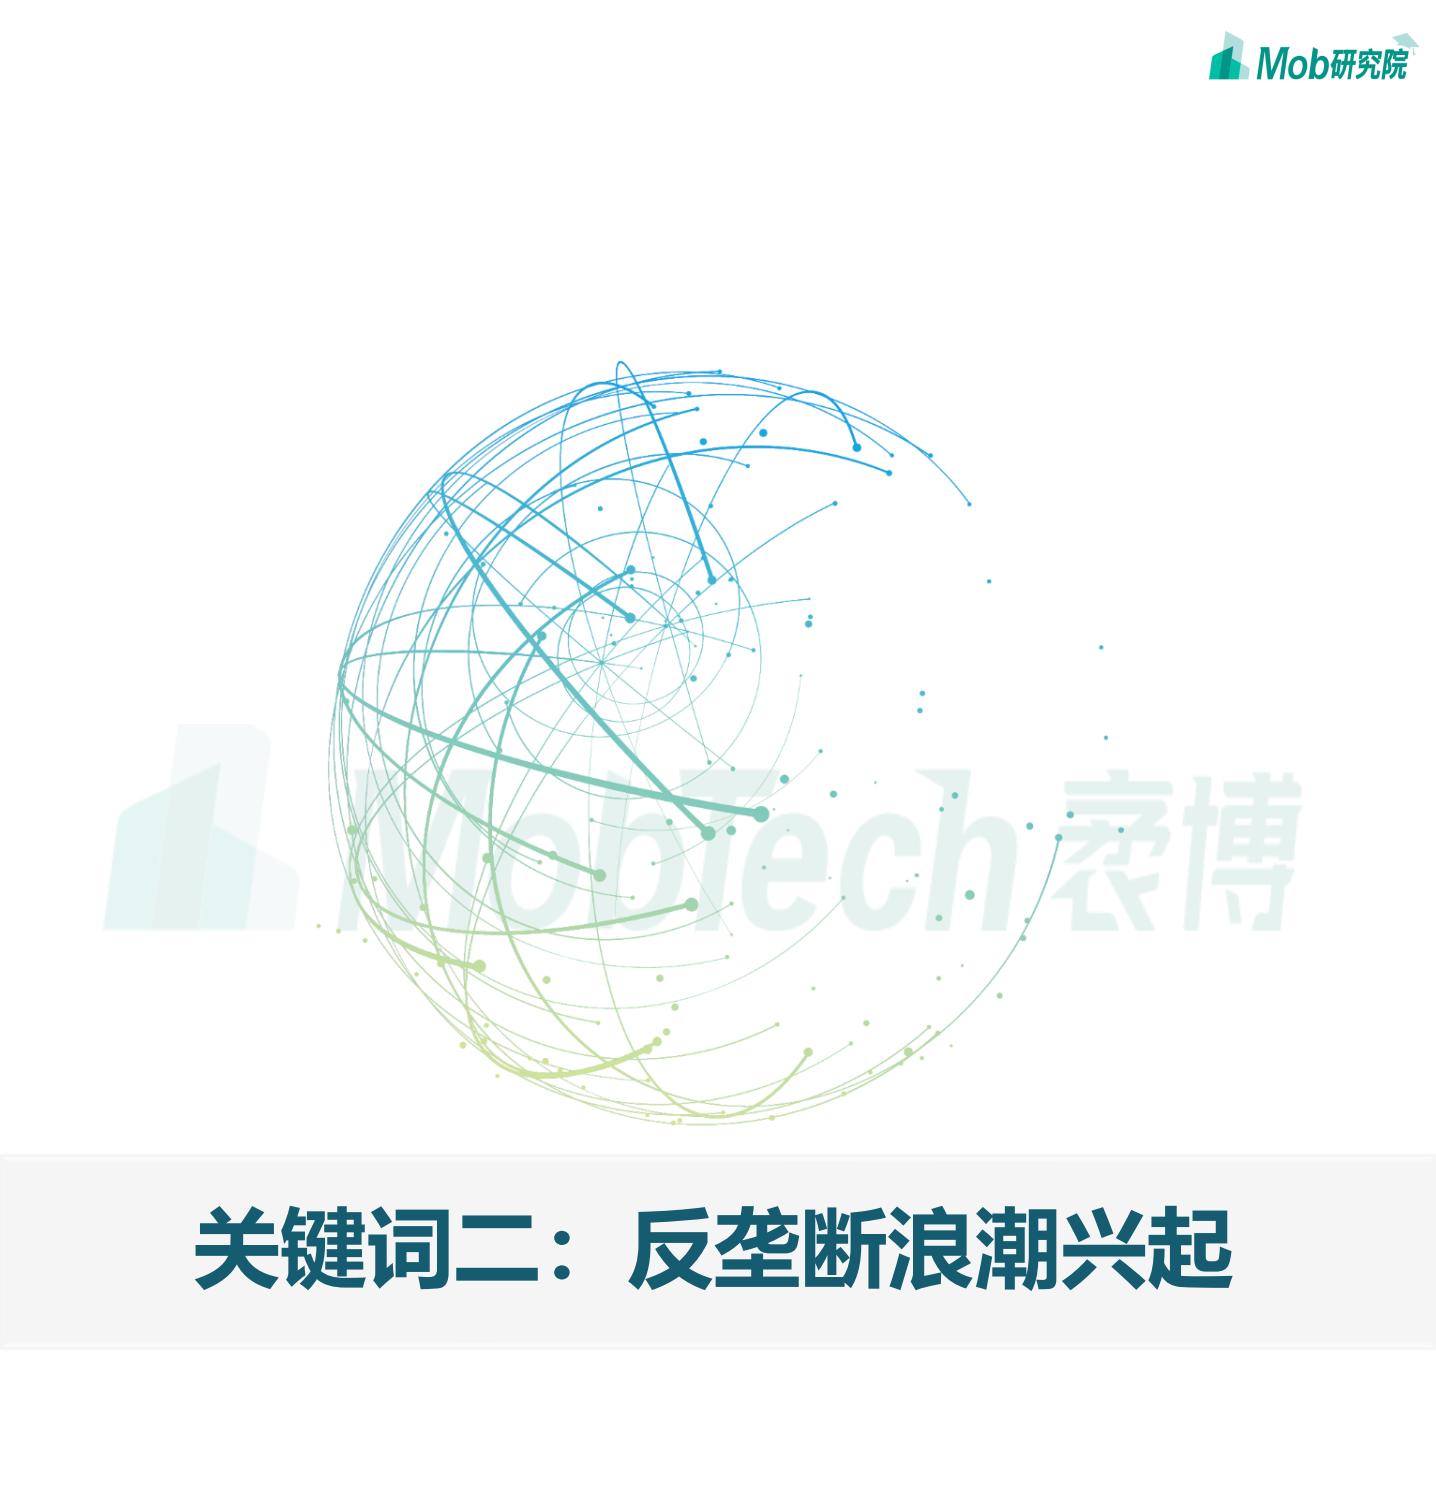 2021年中国移动互联网半年度大报告插图14